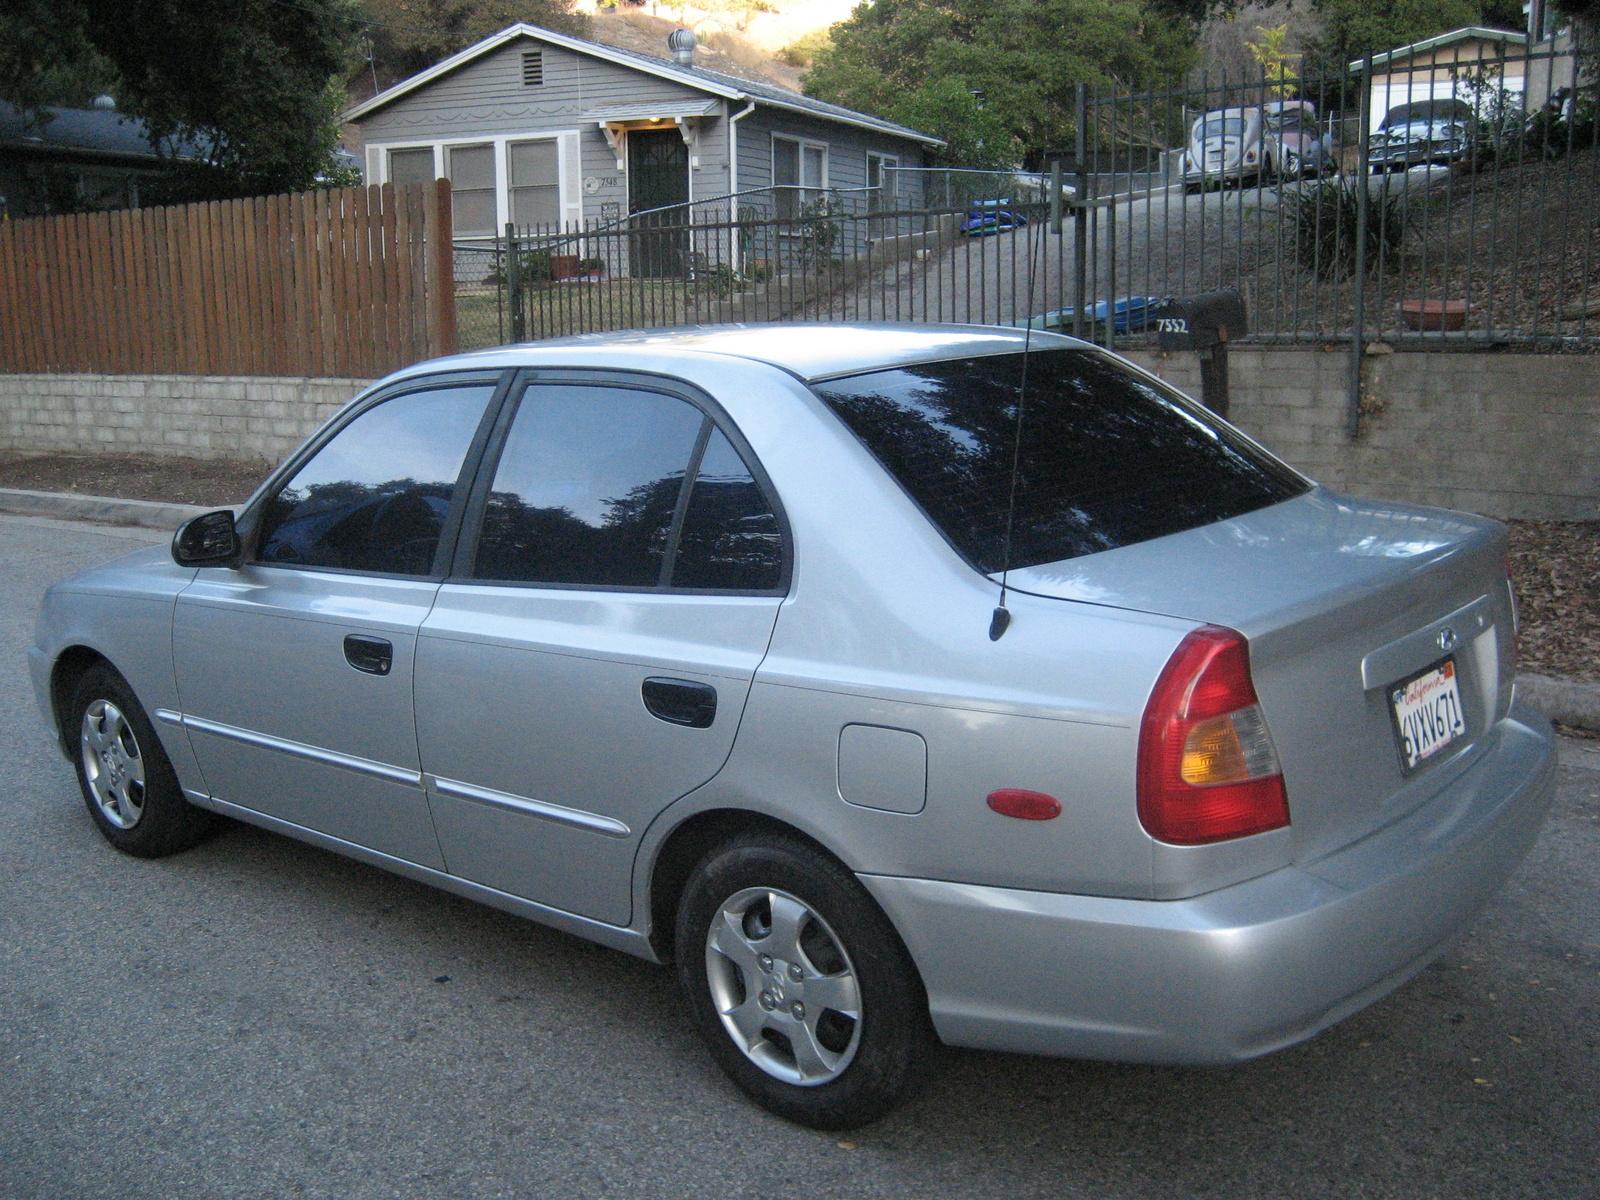 2001 Hyundai Accent Exterior Pictures Cargurus